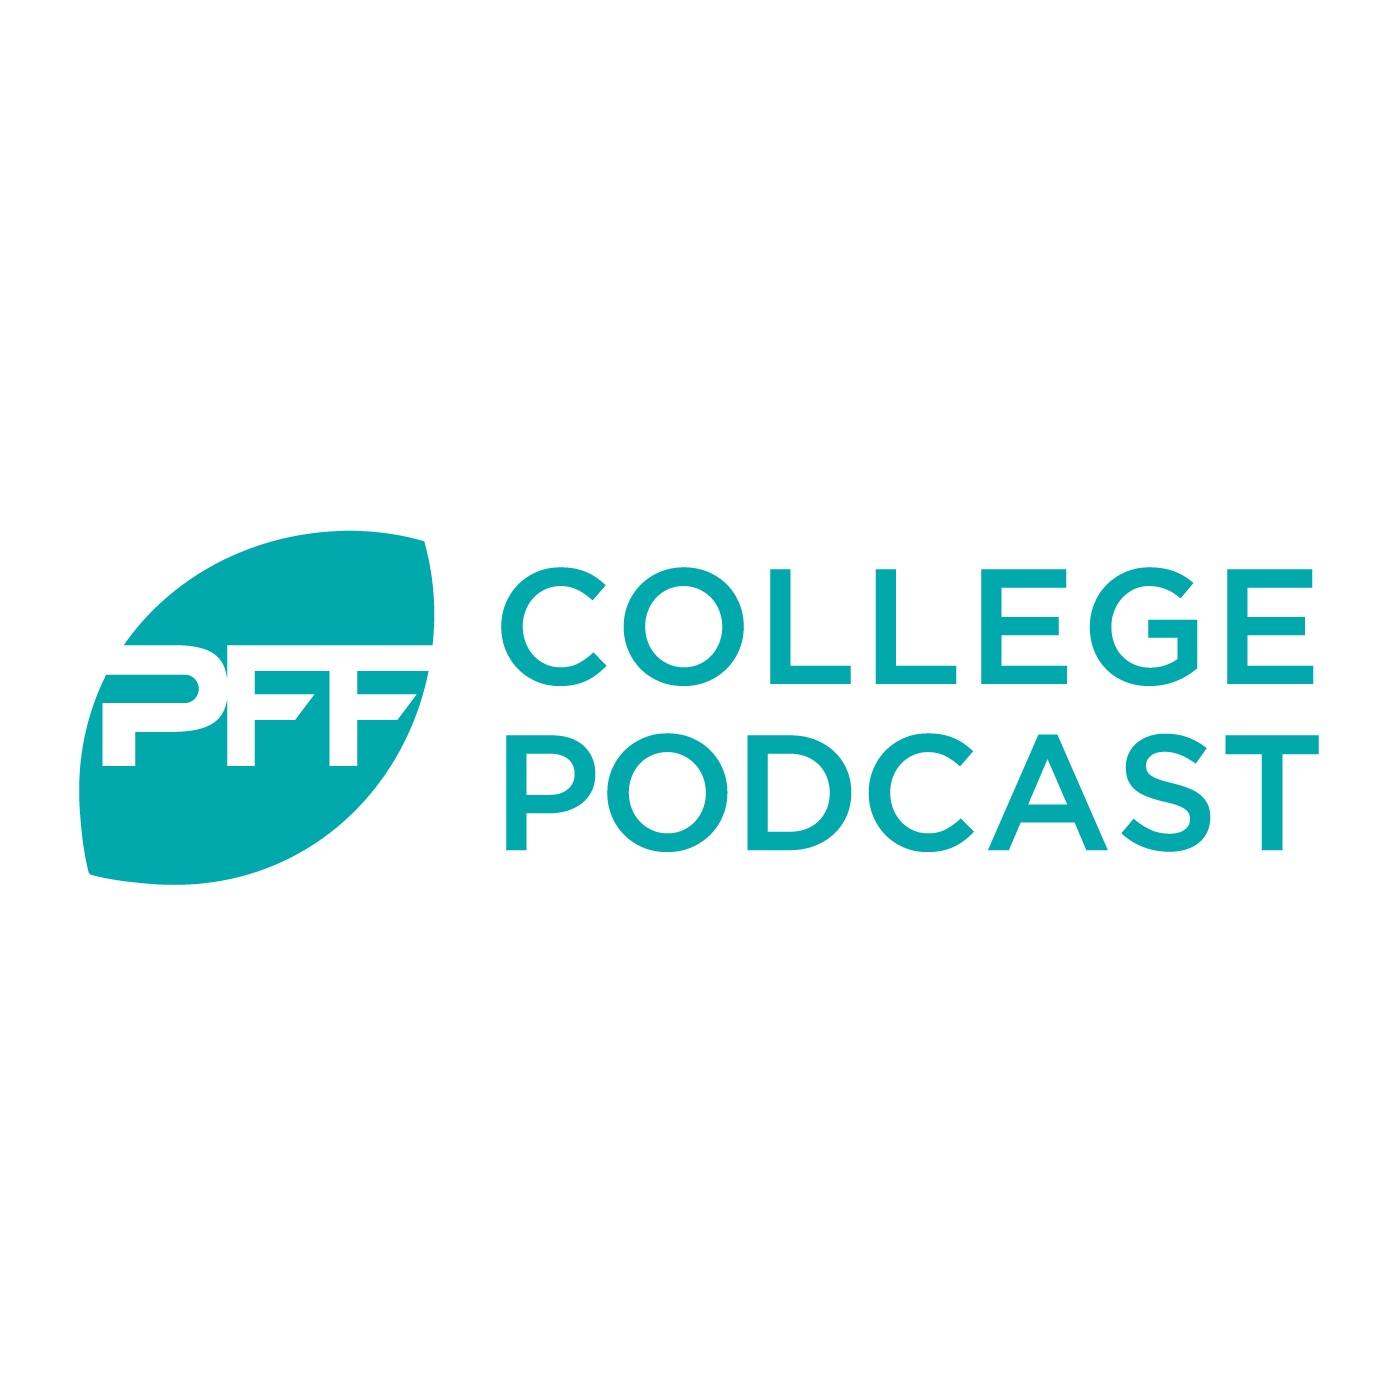 PFF College